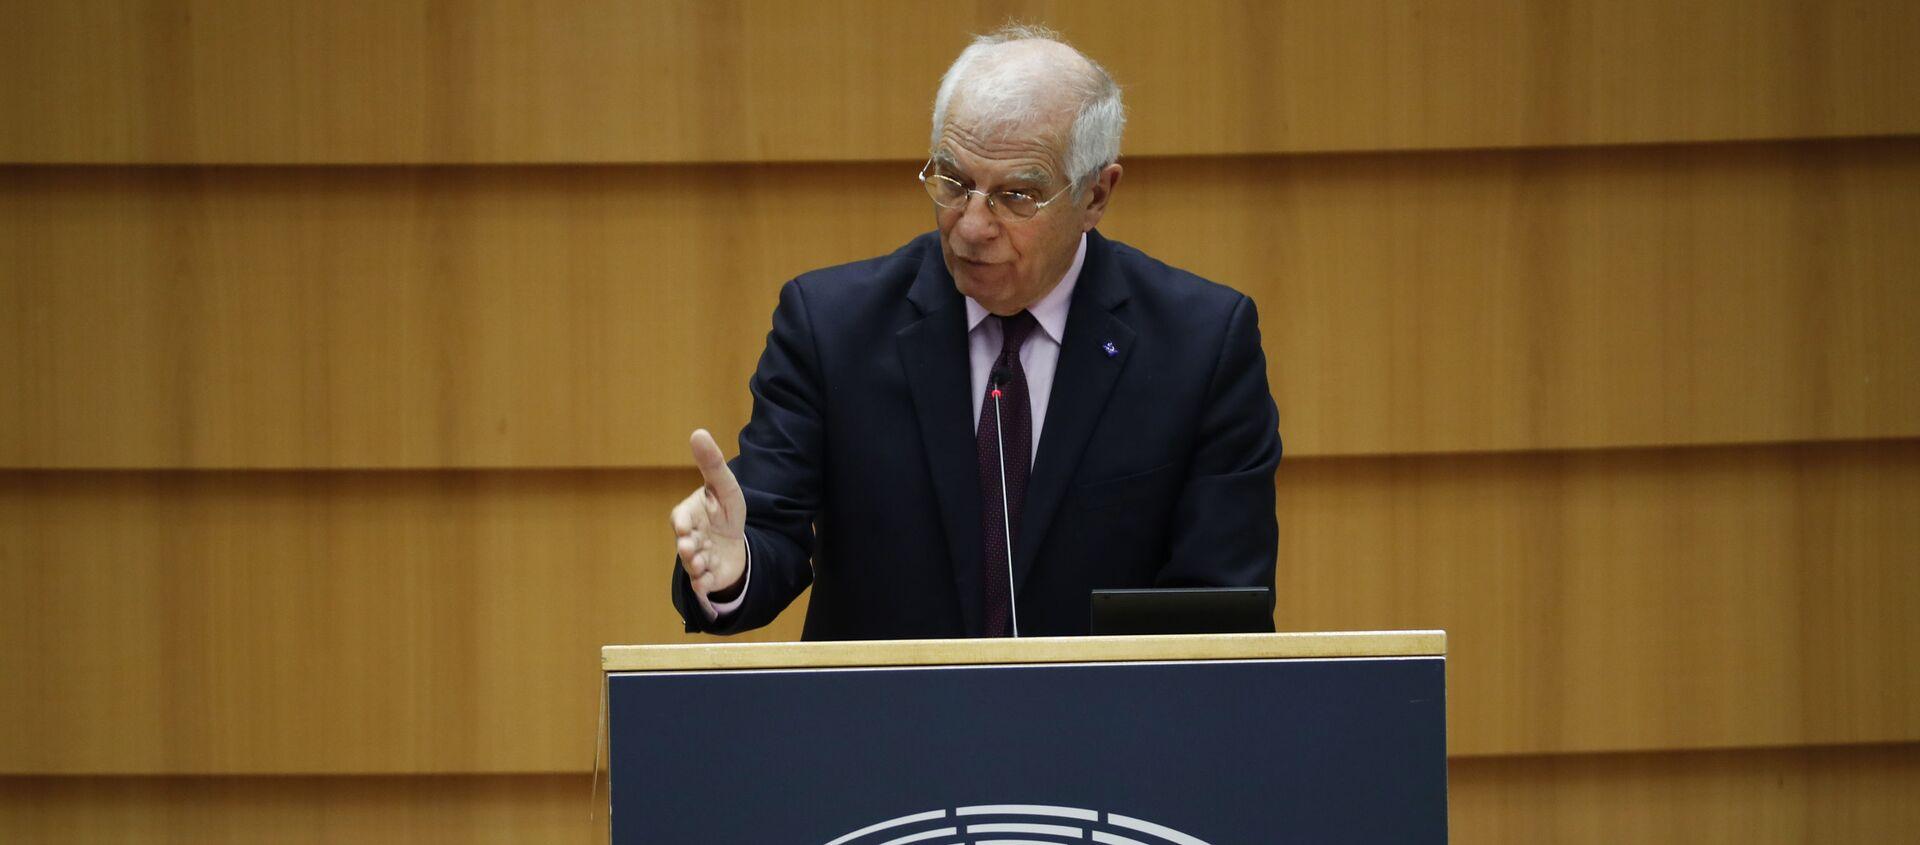 Wysoki Przedstawiciel UE ds. Polityki Zagranicznej i Bezpieczeństwa Josep Borrell przemawia w Parlamencie Europejskim - Sputnik Polska, 1920, 09.02.2021